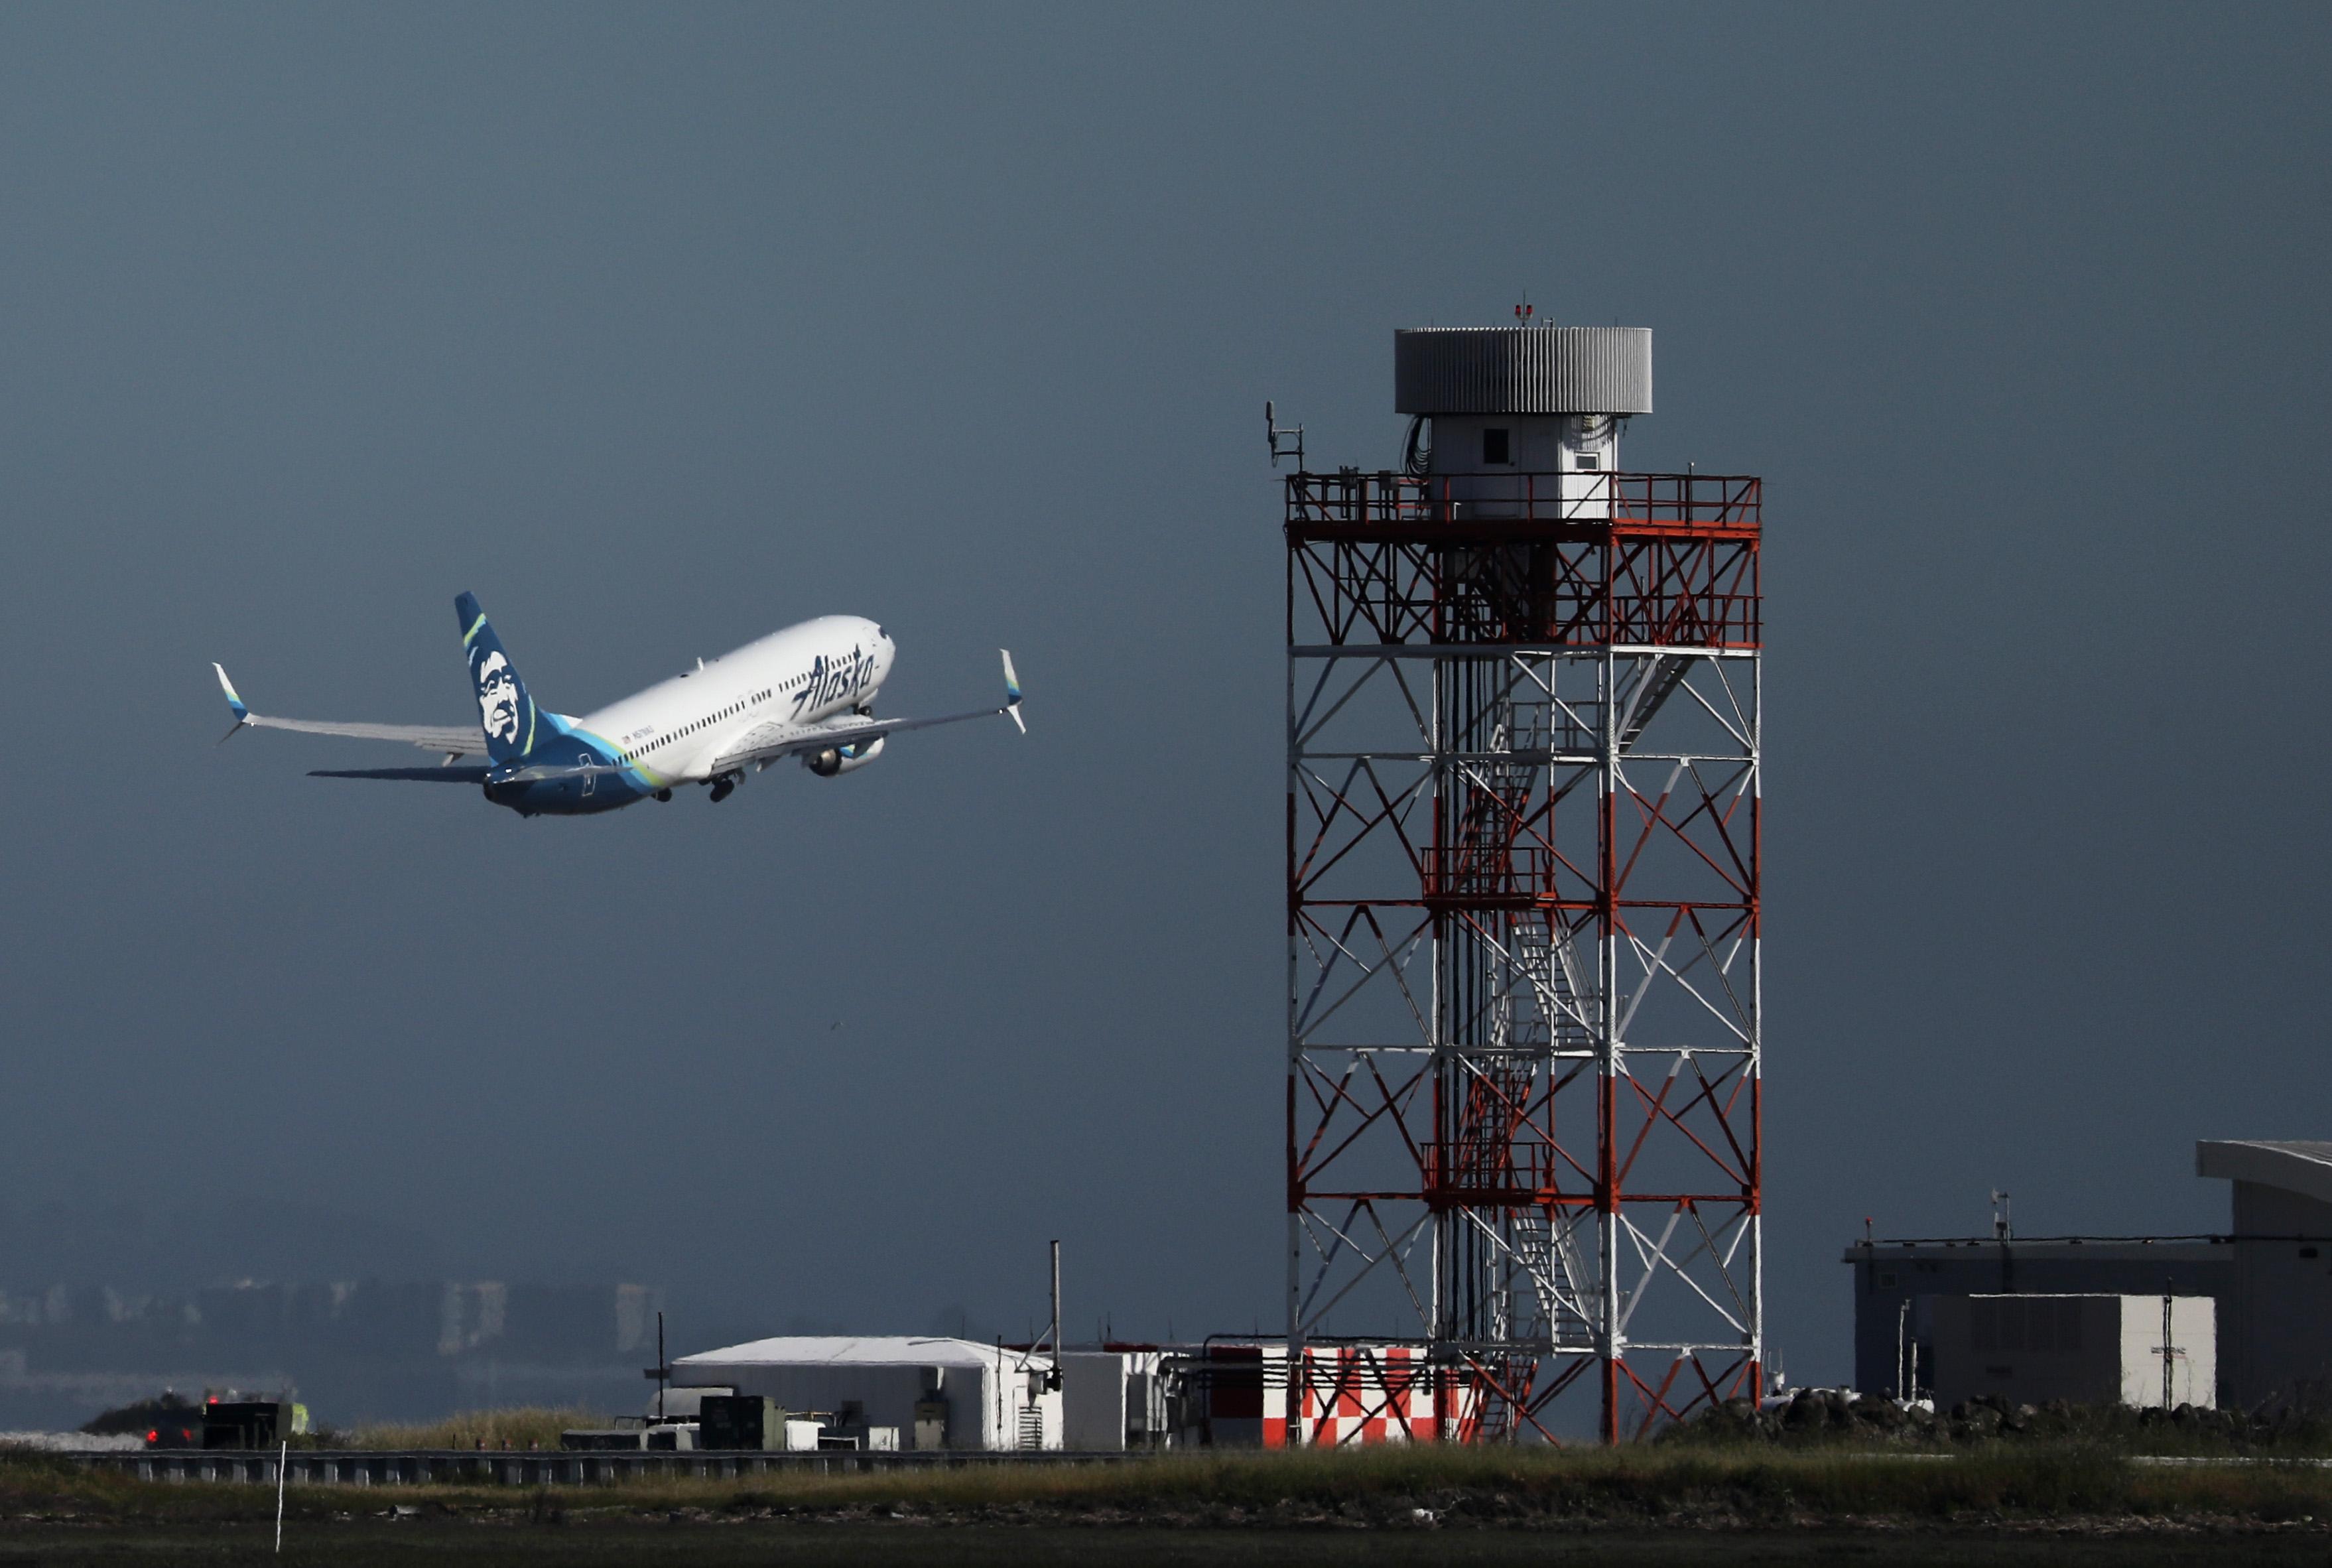 Kitiltották az egyszer használatos műanyagpalackokat a San Francisco-i reptérről